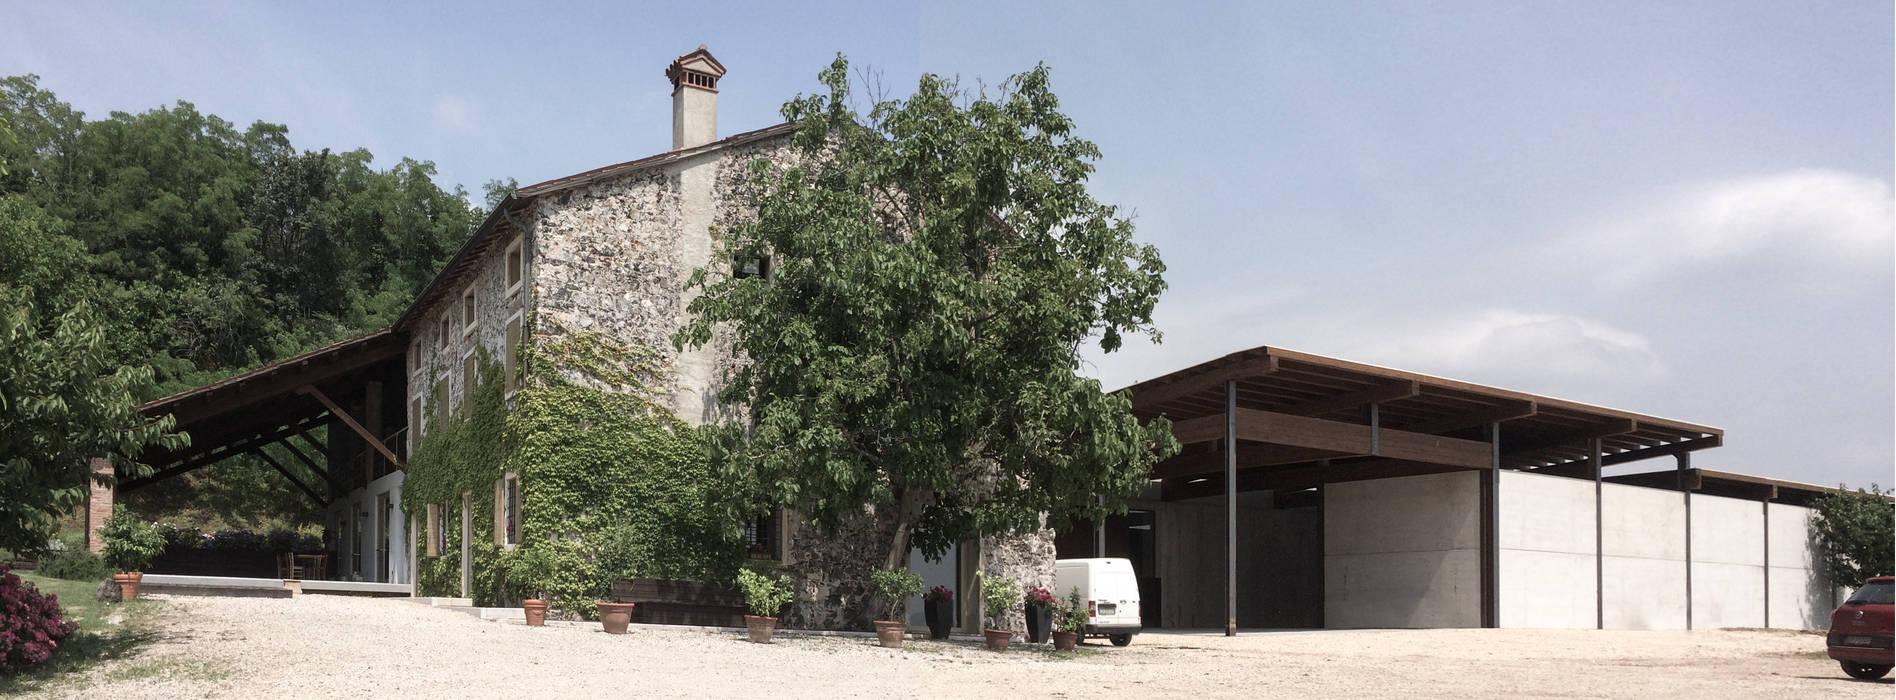 Wine cellar by Moro Progetti,